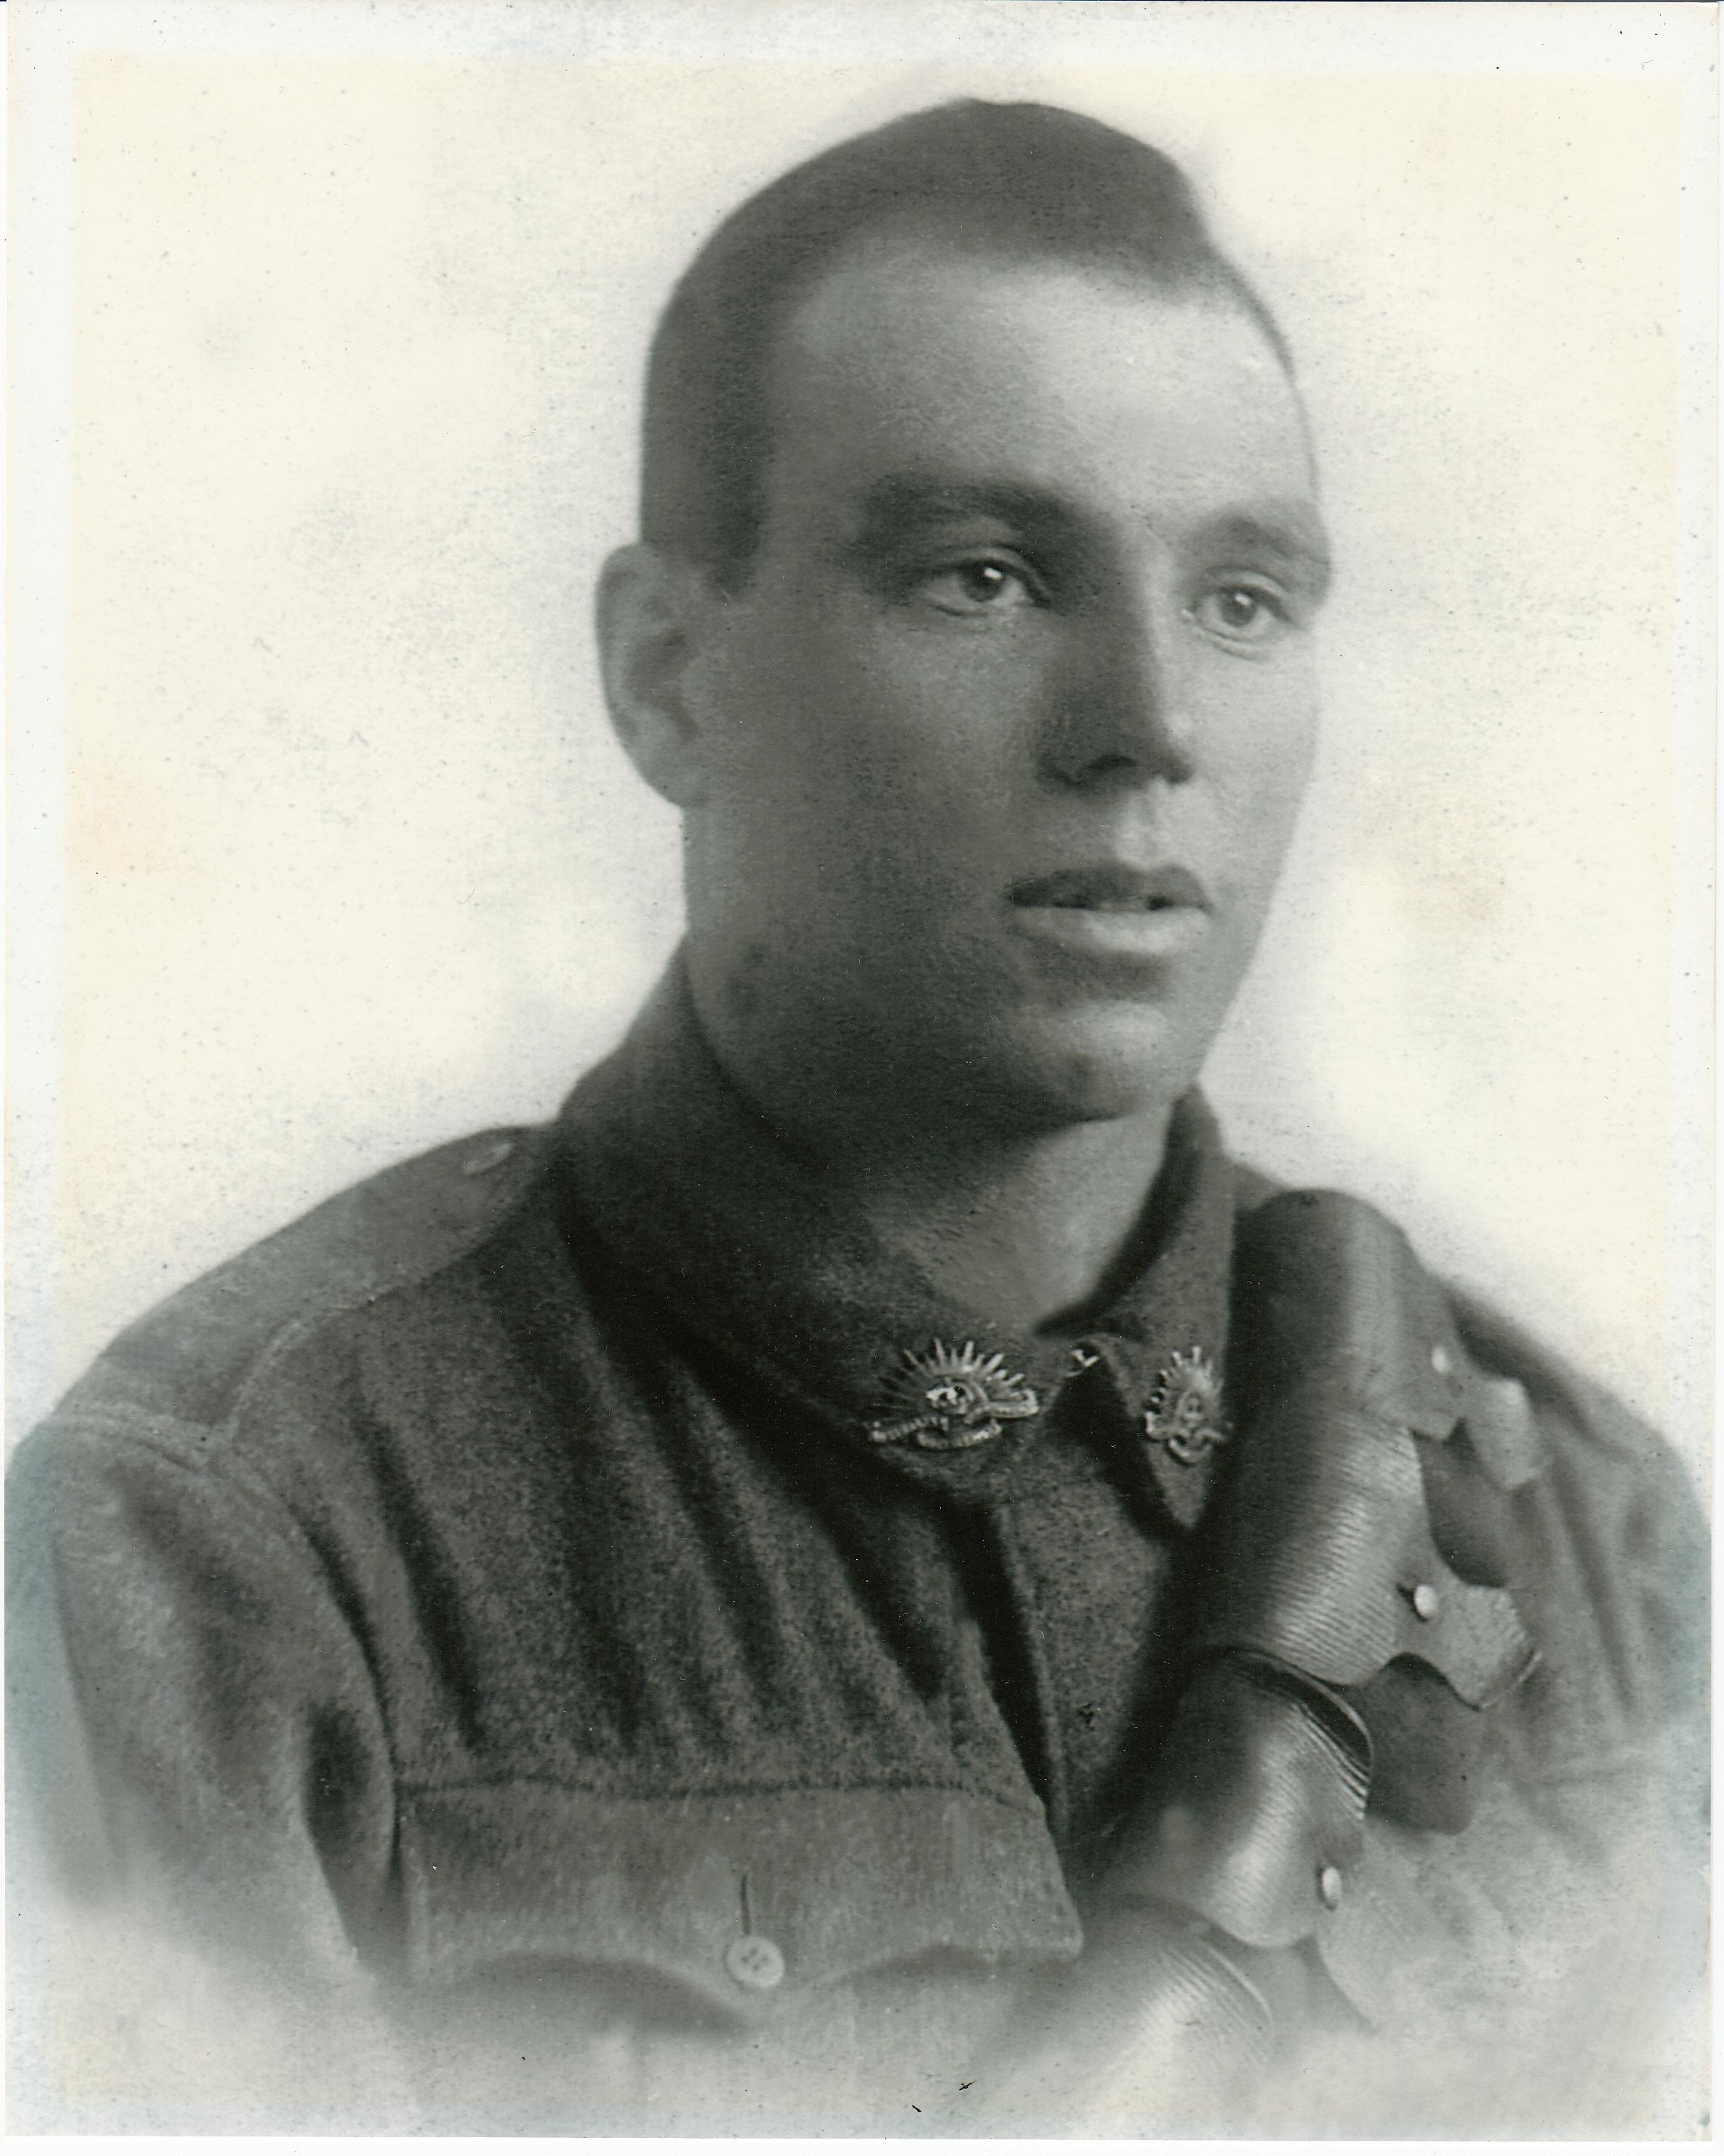 Isaac Bocke